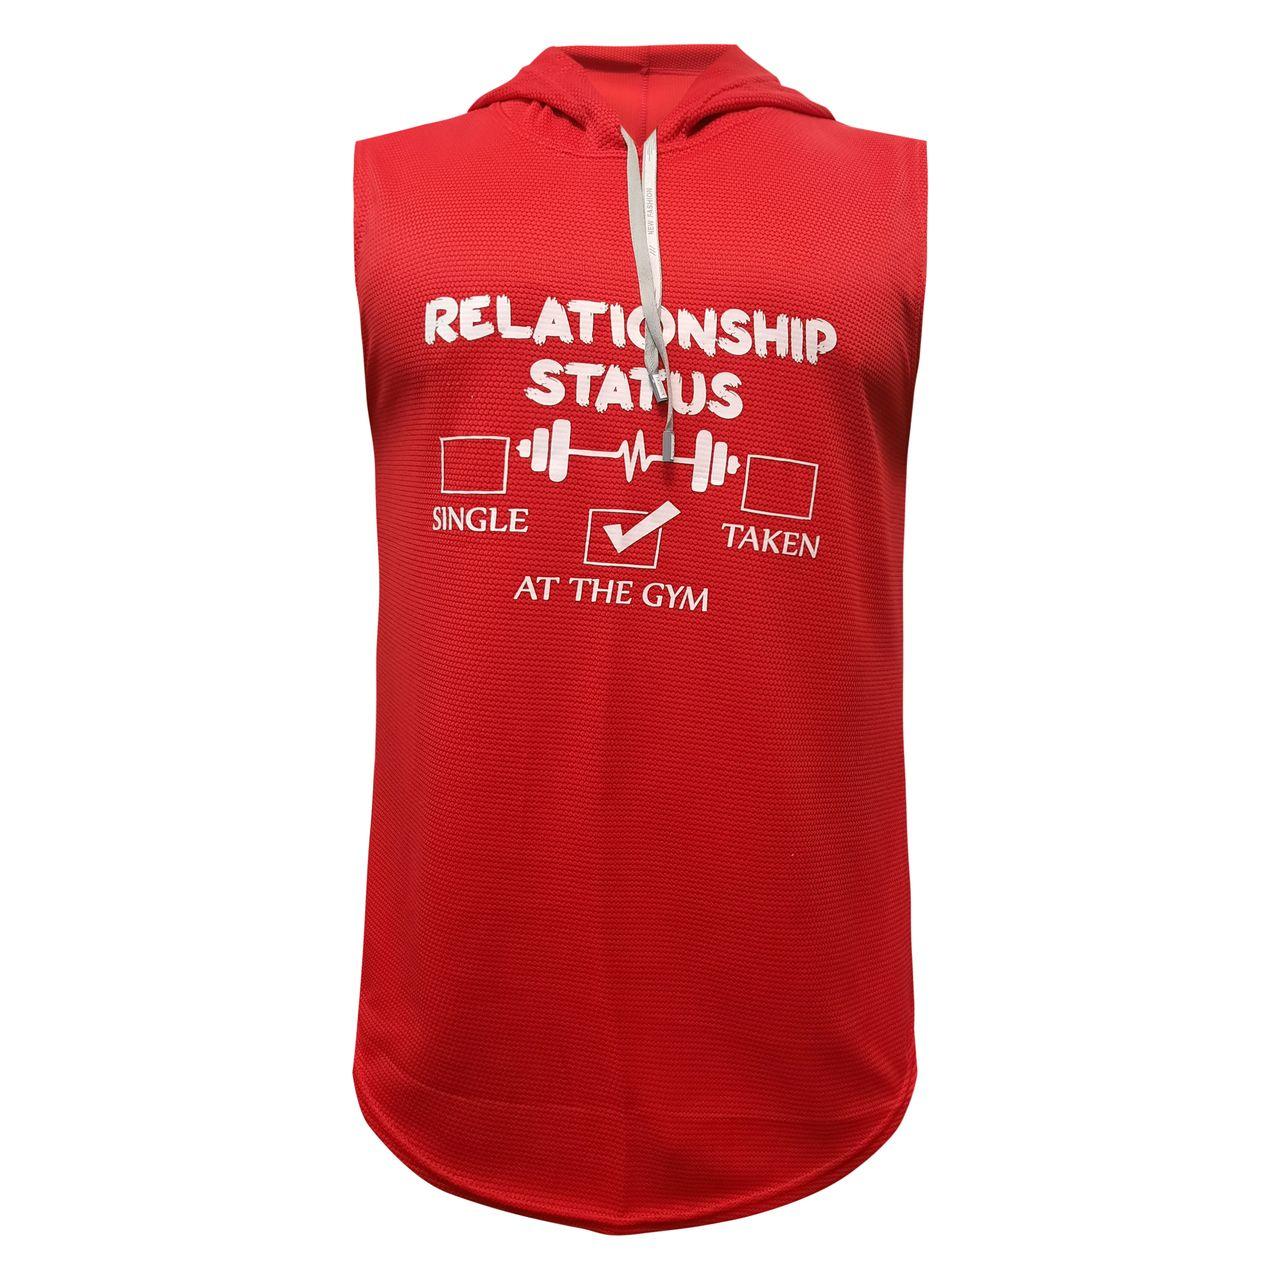 تاپ ورزشی مردانه مدل فلارن کد KLA-RD3 رنگ قرمز